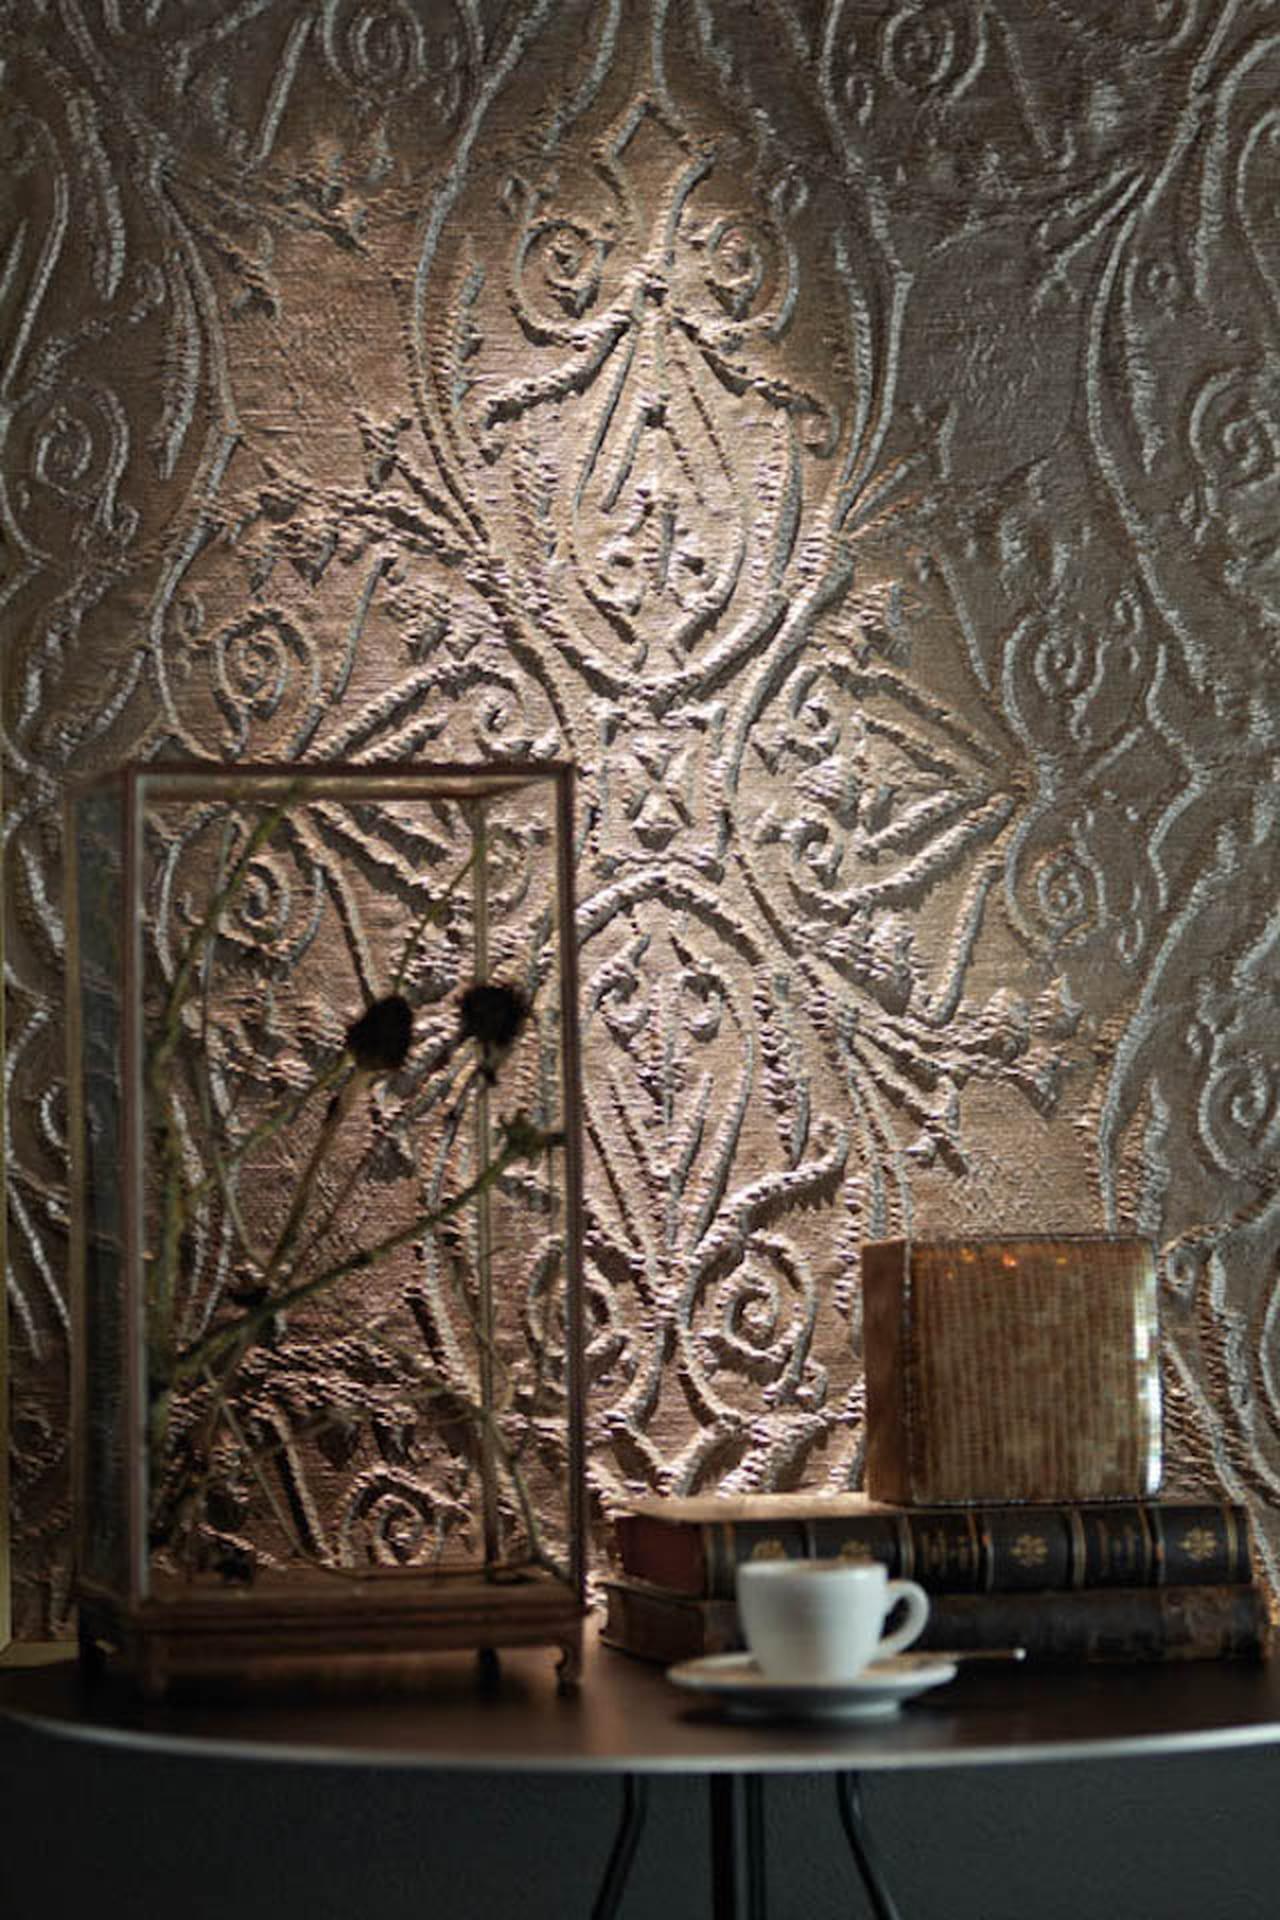 Pannelli decorativi per pareti interne rivestimenti ad hoc - Decorazioni muri interni ...